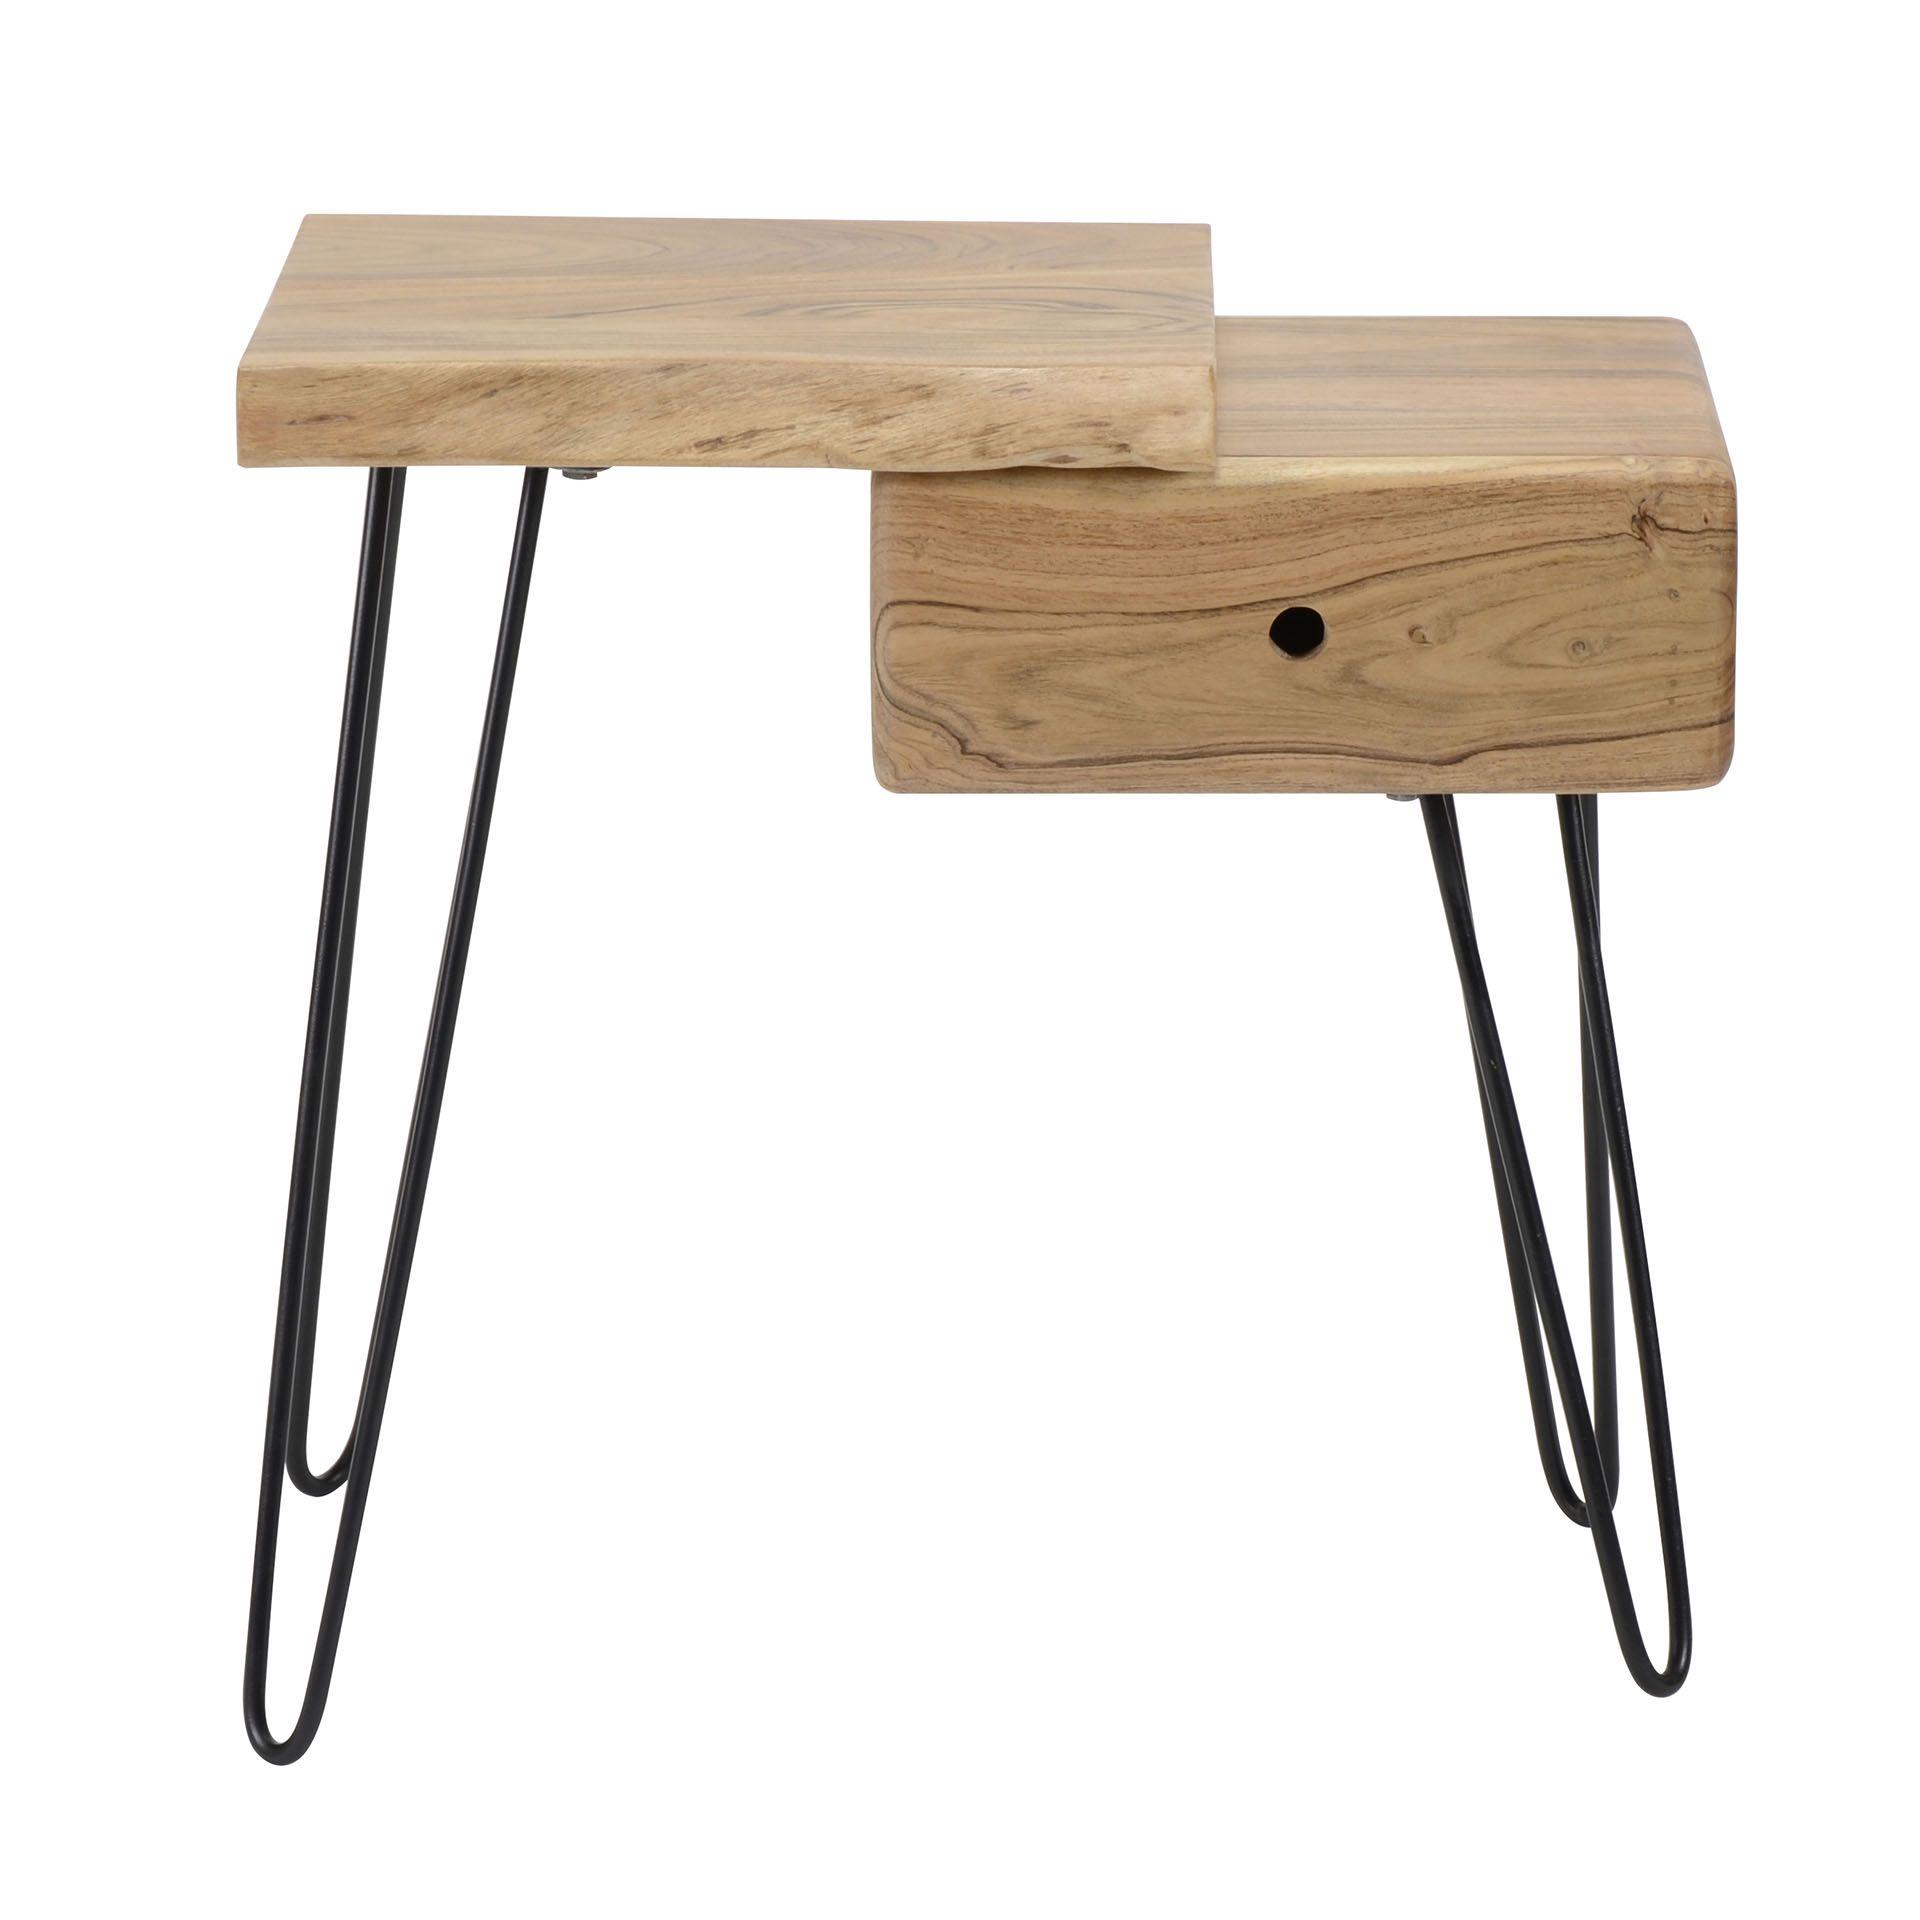 ahaus-ladenkast-nachtkastje-spiegelbeeld-accacia-hout-2